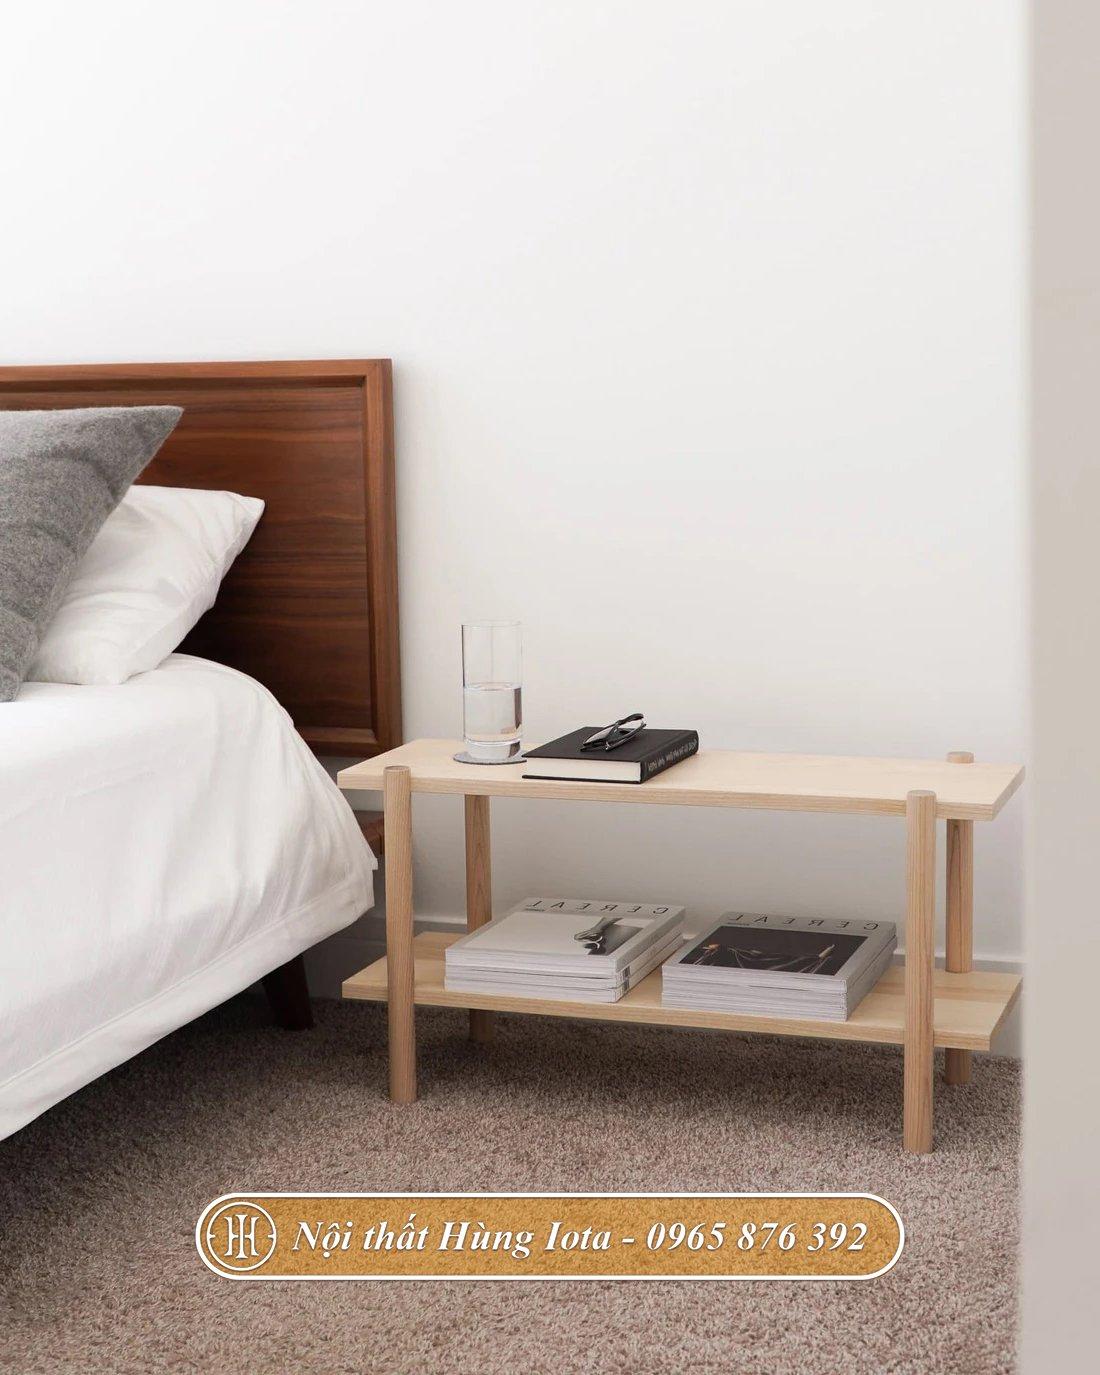 Kệ gỗ trang trí đặt cạnh giường ngủ